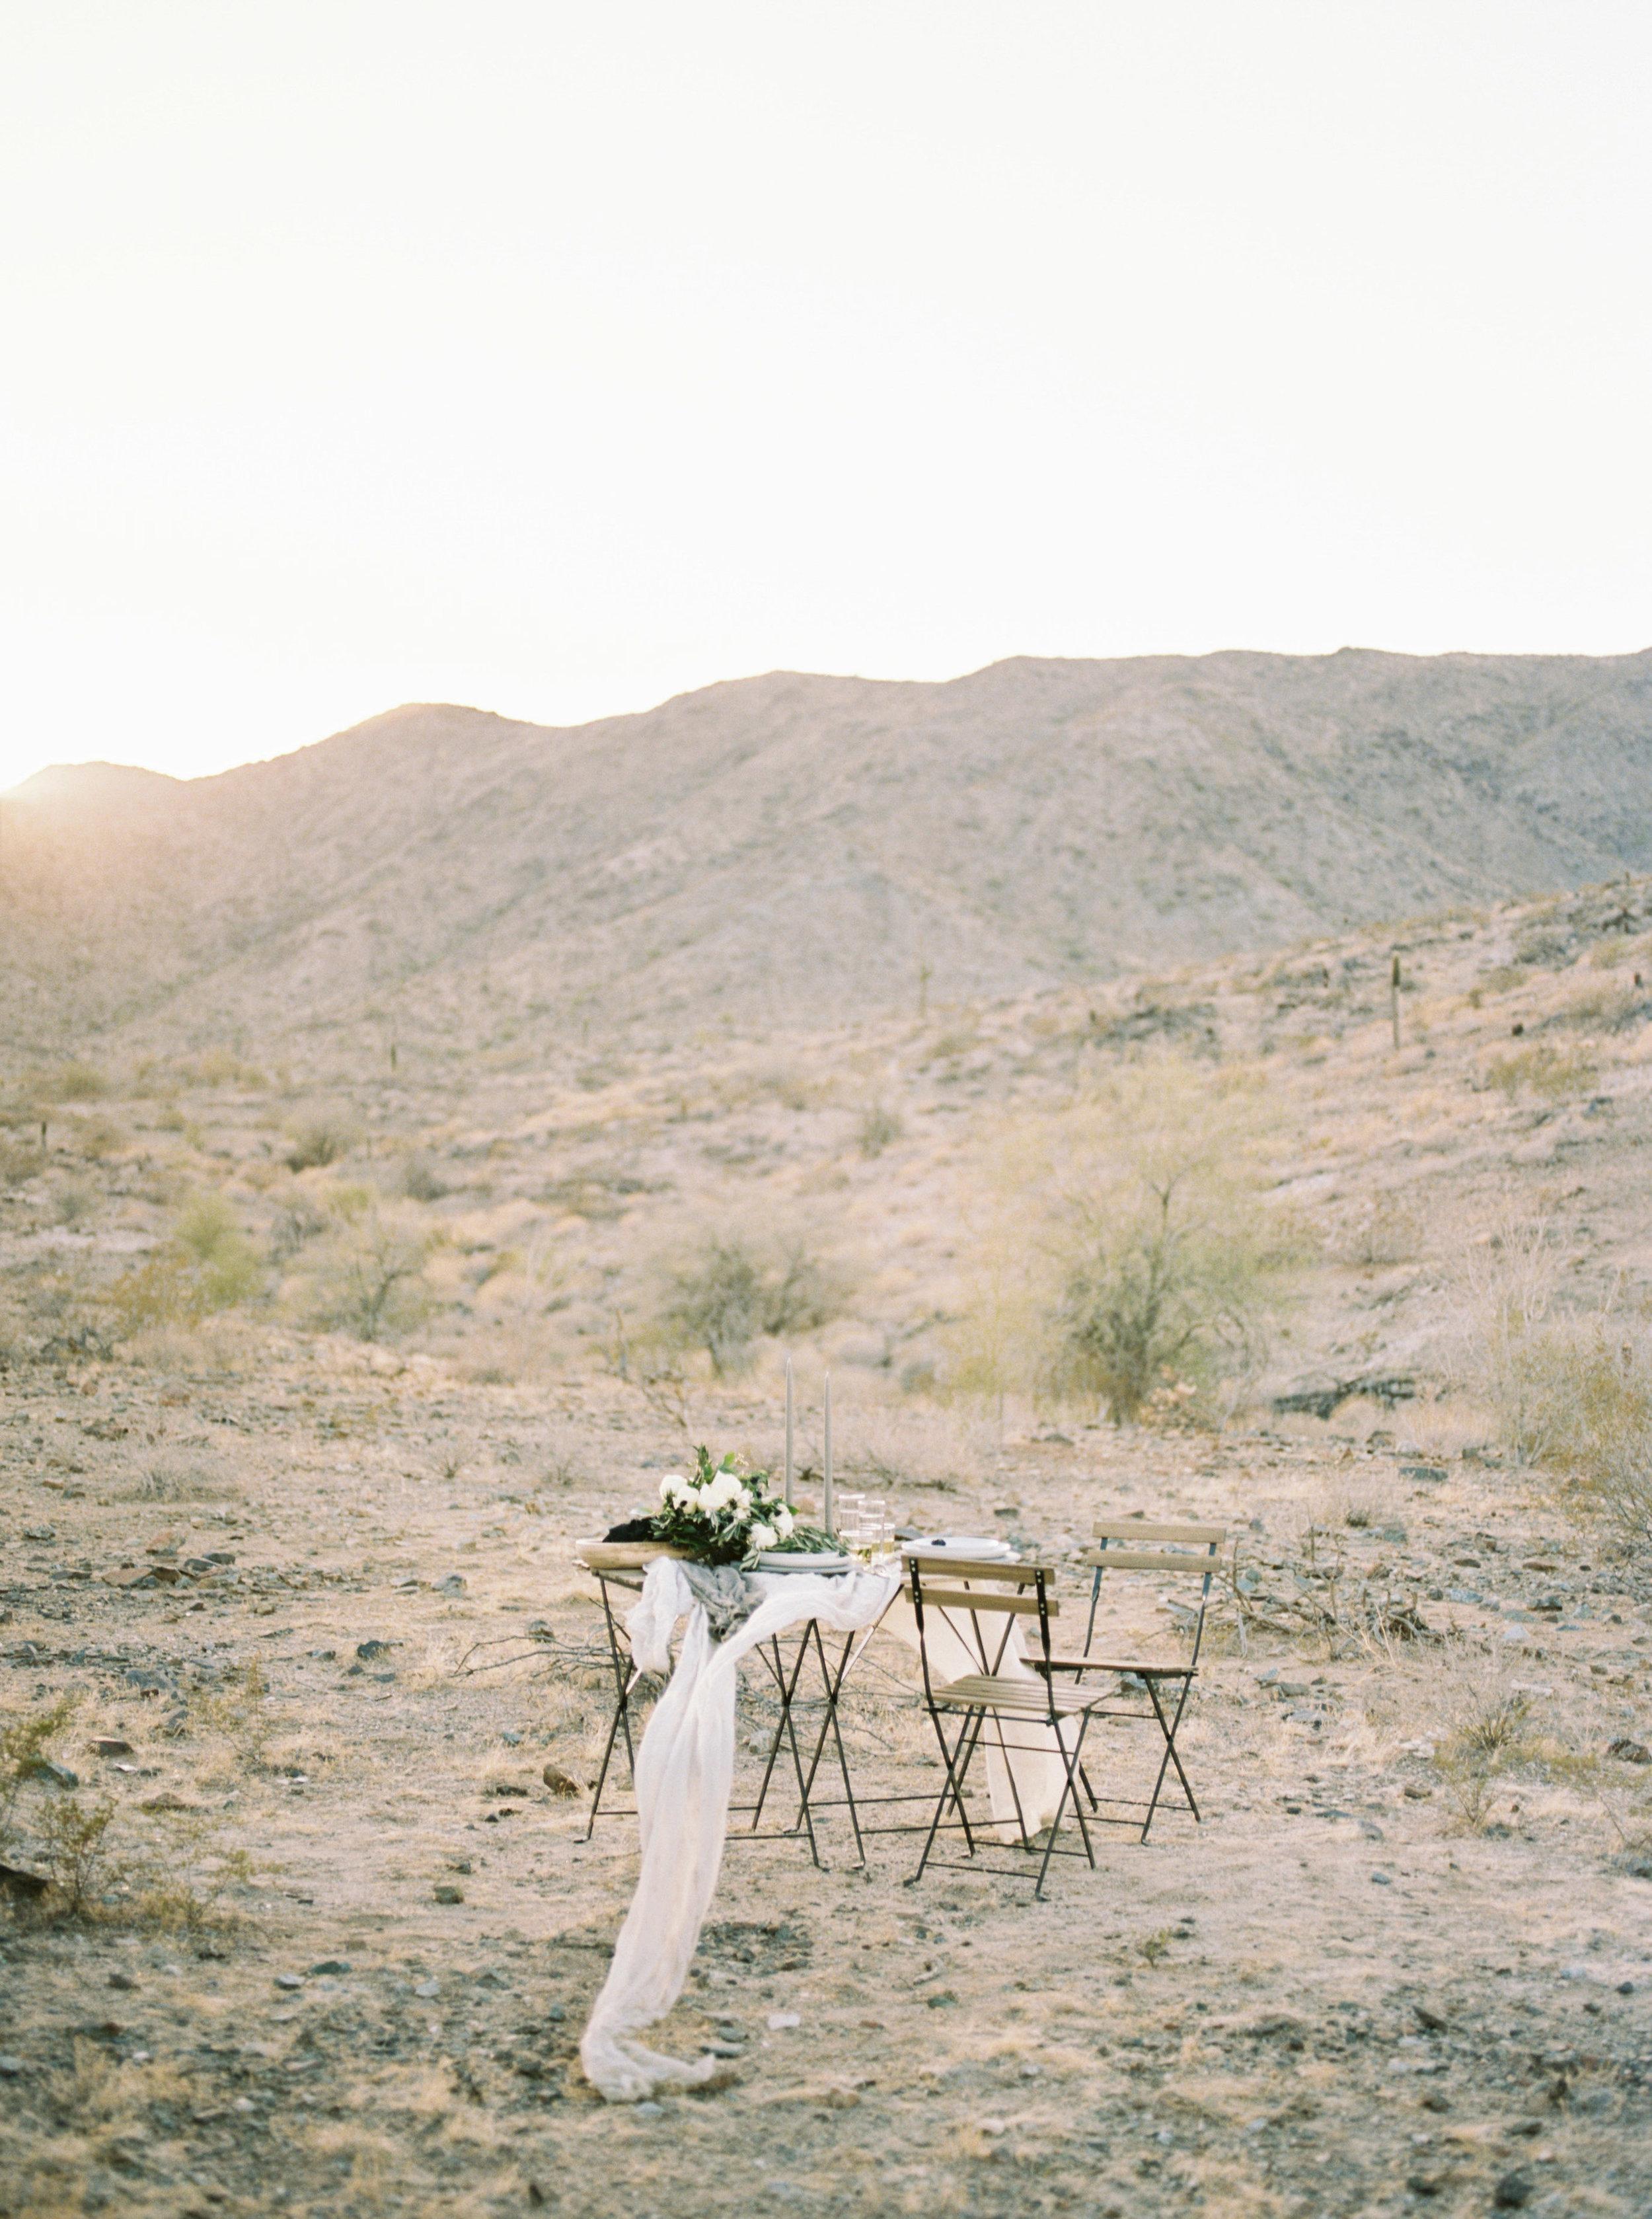 Fine Art Desert Elopement - Table for two in the desert